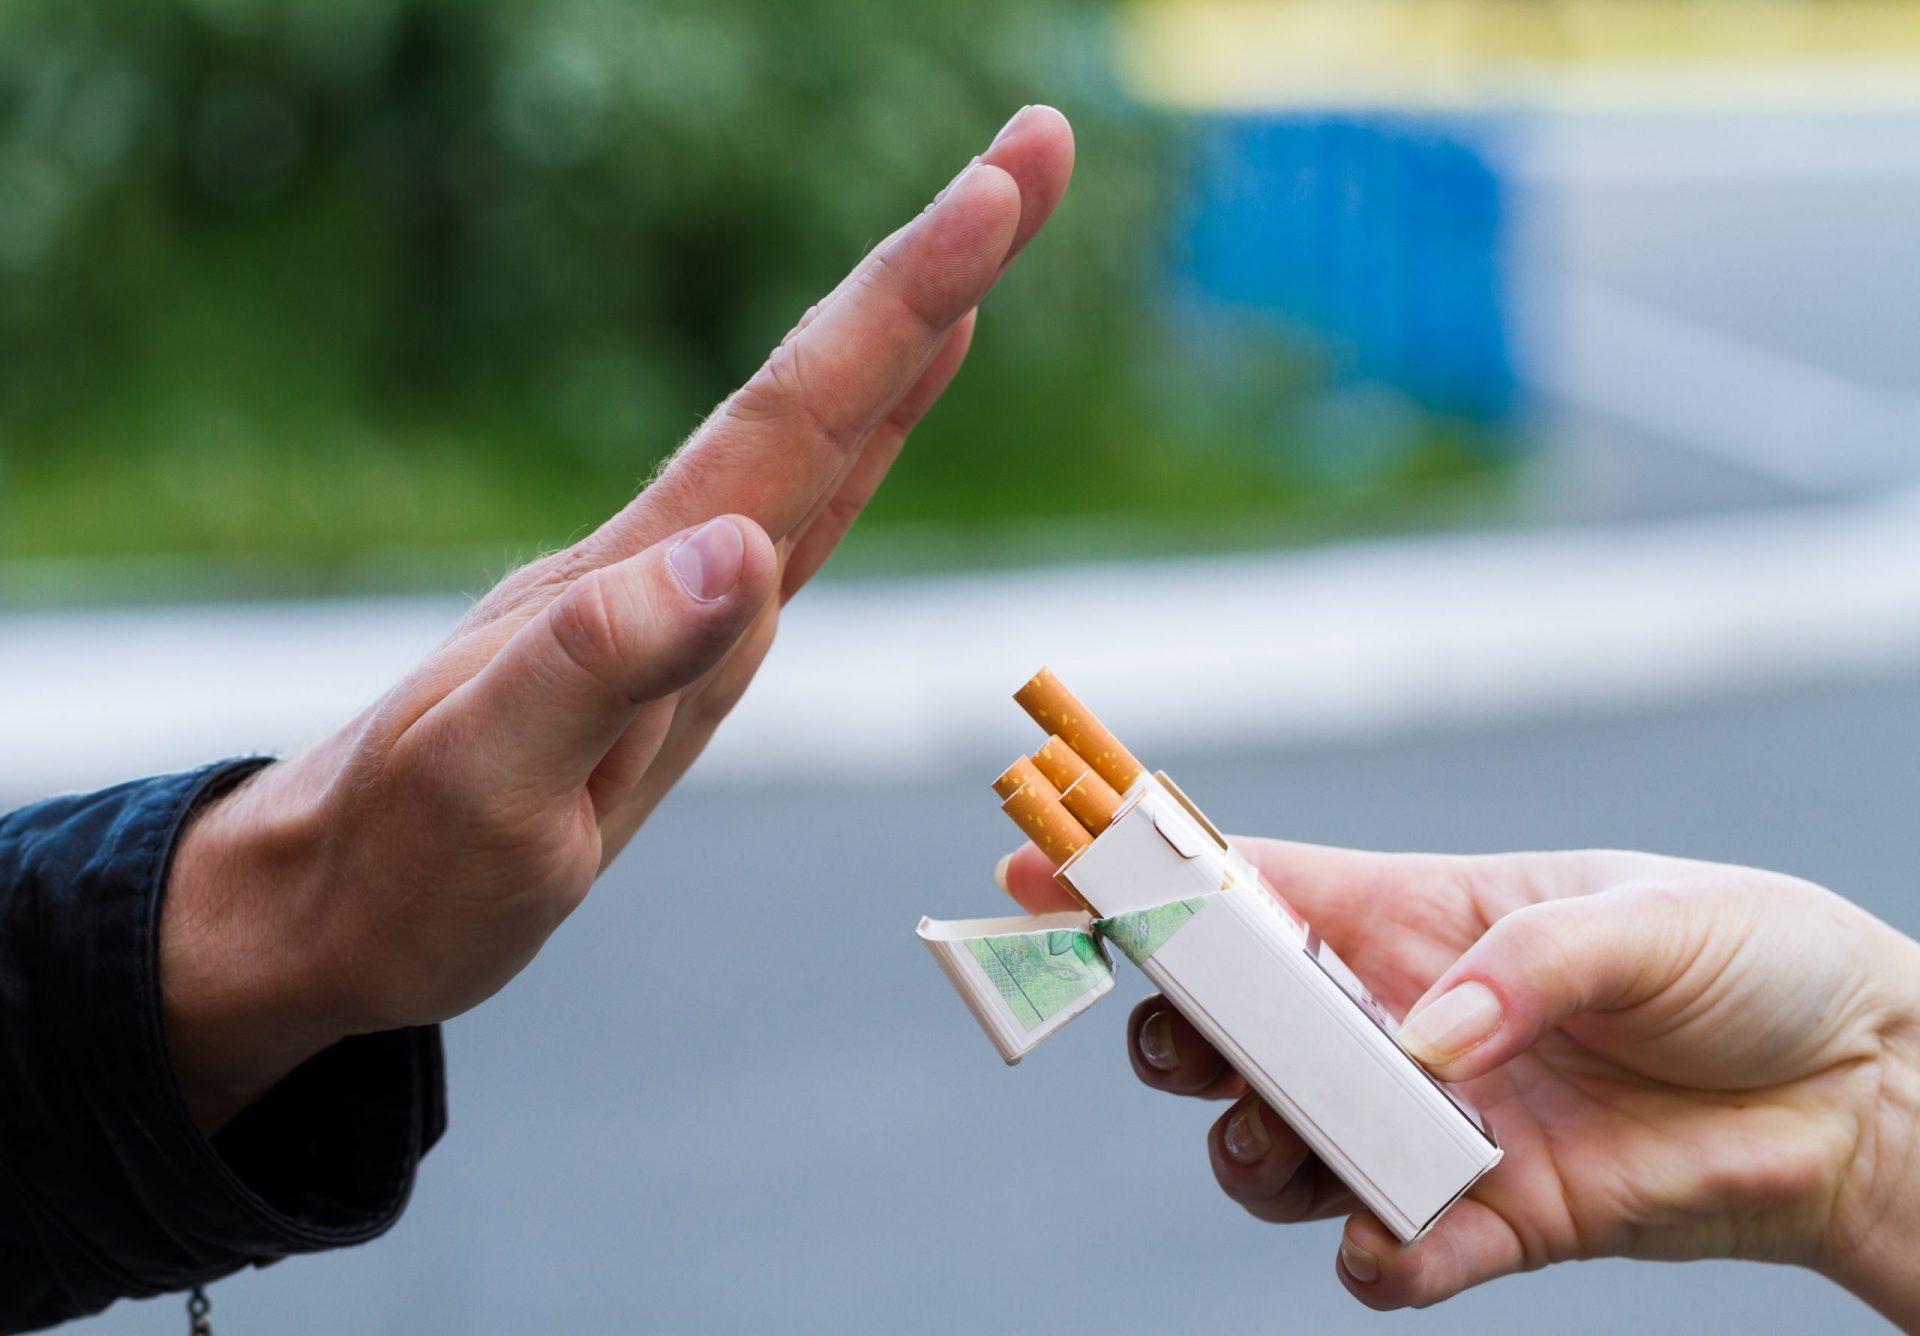 Homeopatia para parar de fumar: Visualize os benefícios